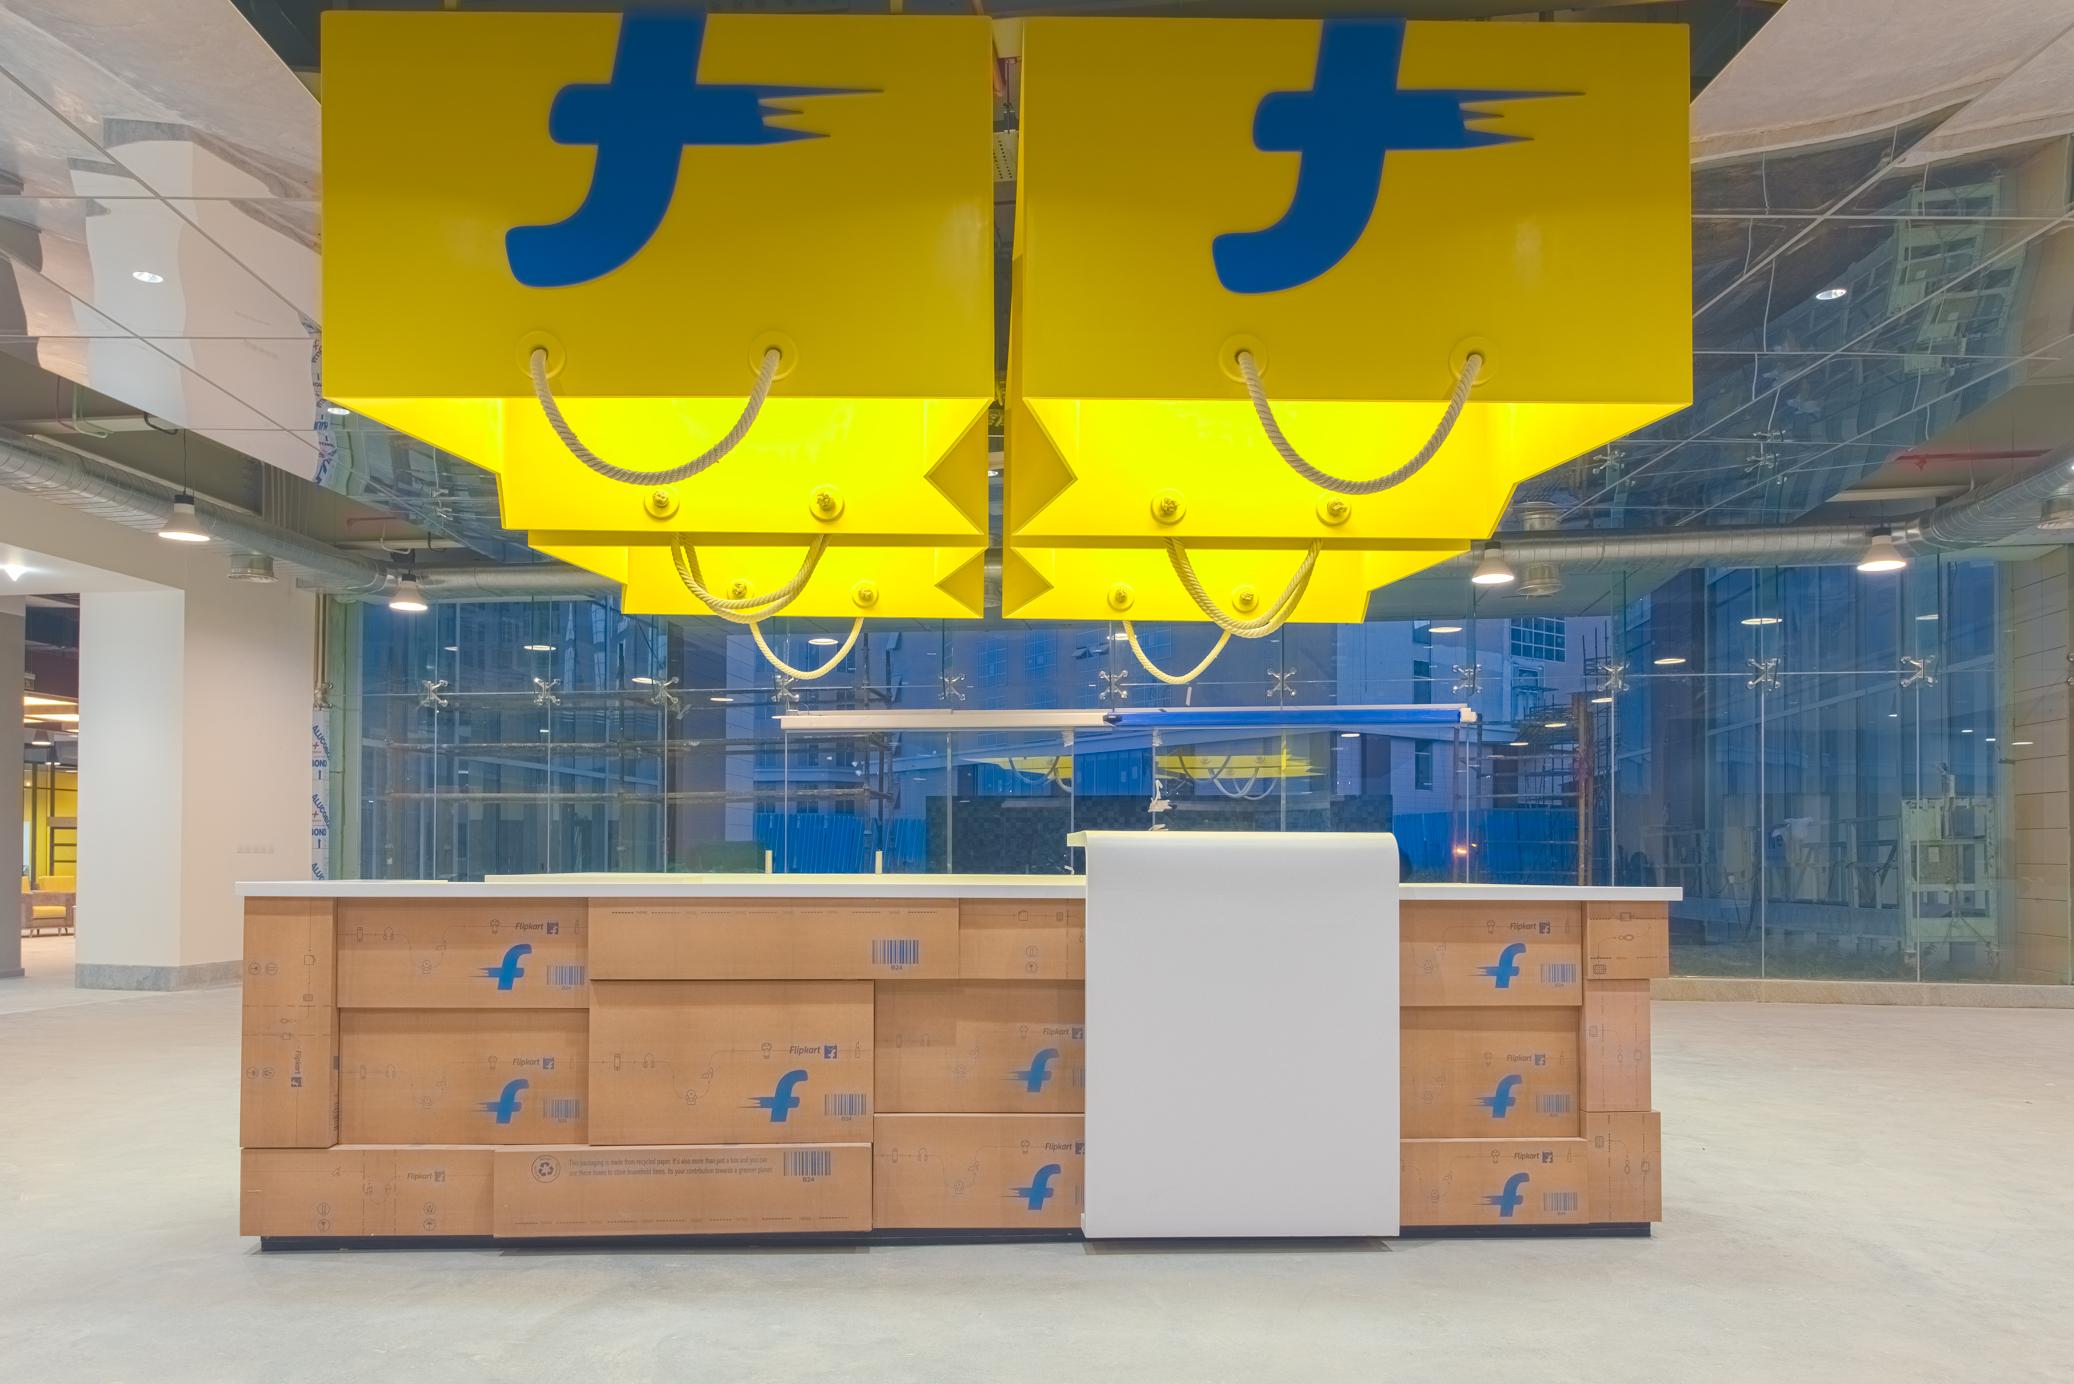 The lobby of Flipkart's offices.